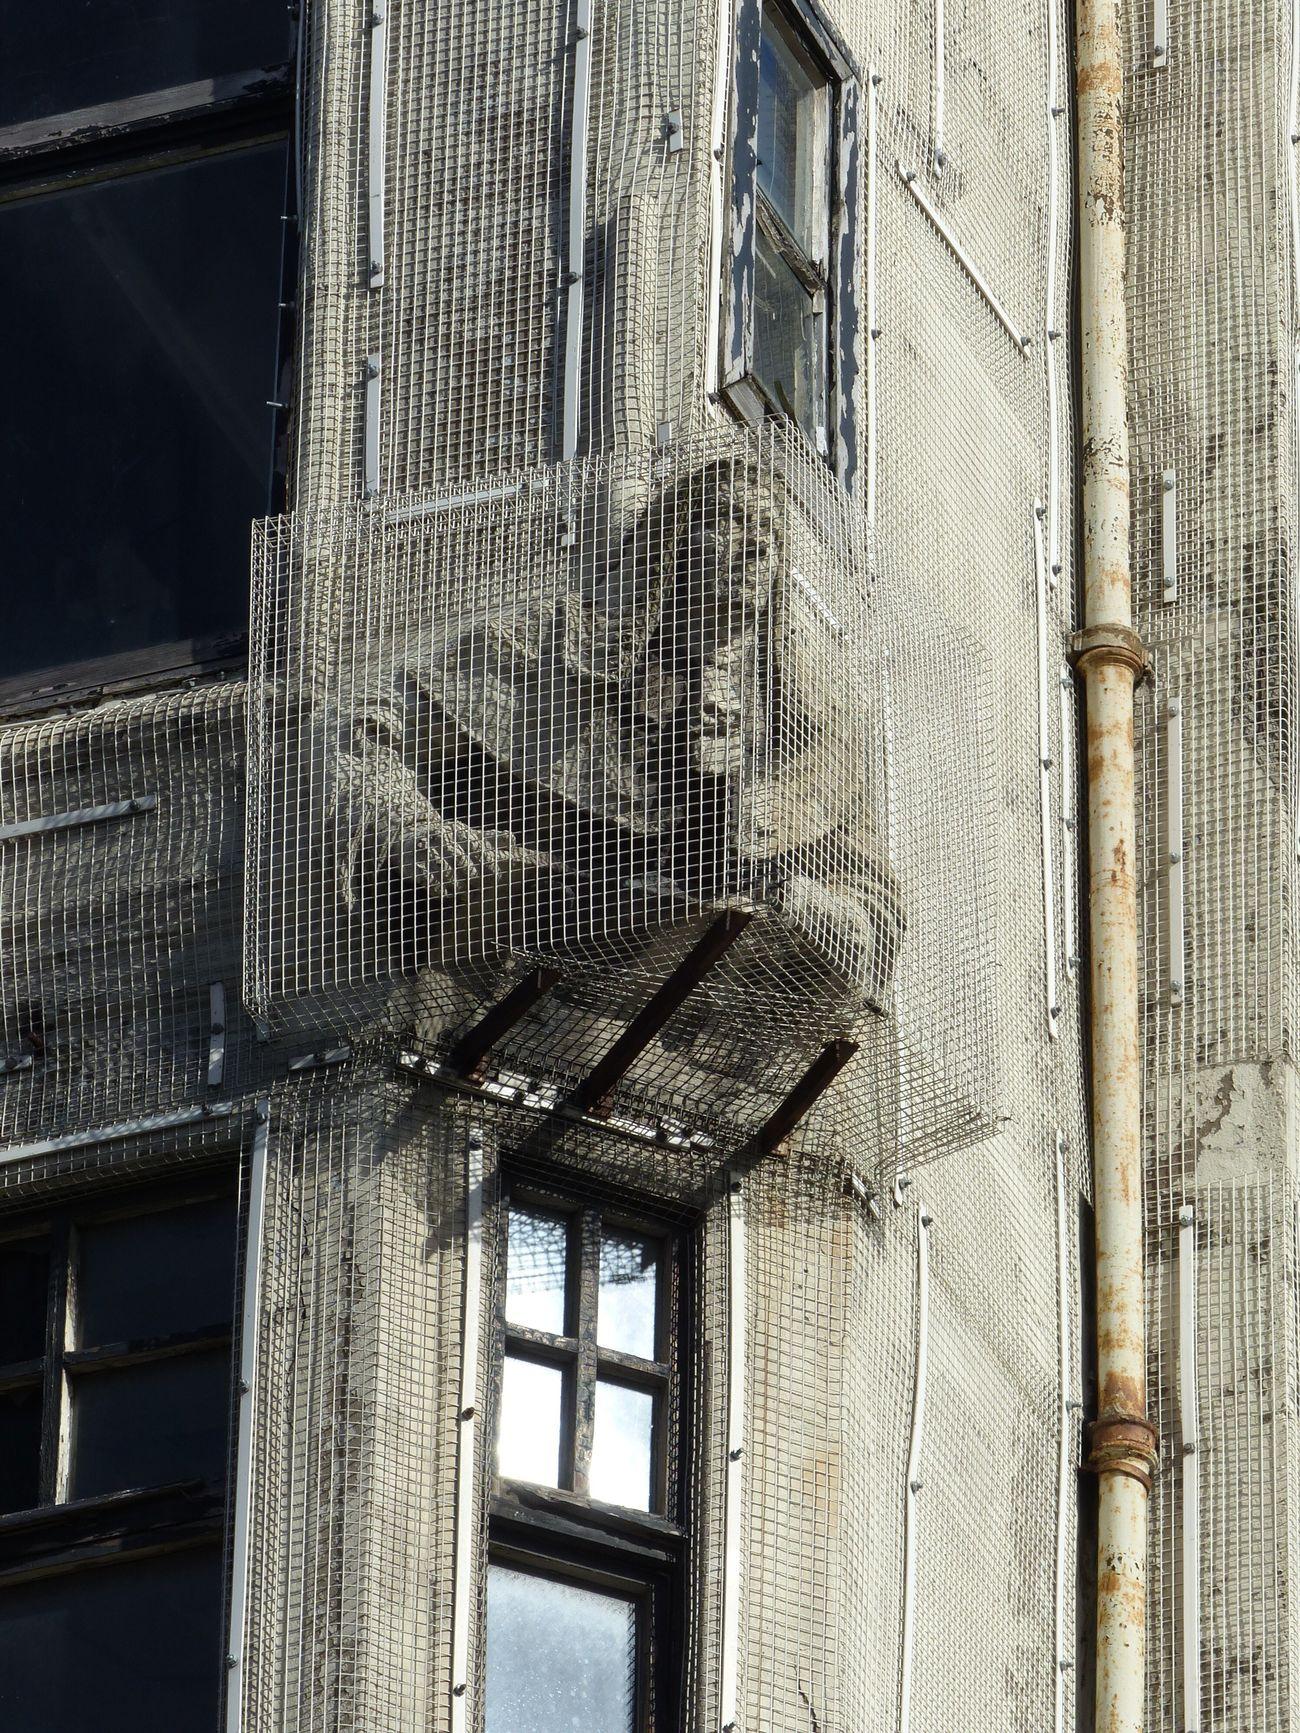 Hope St, Glasgow, art nouveau, caged justice, early concrete building. Window Architecture Built Structure Building Exterior GLASGOW CITY Art Nouveau Buildings